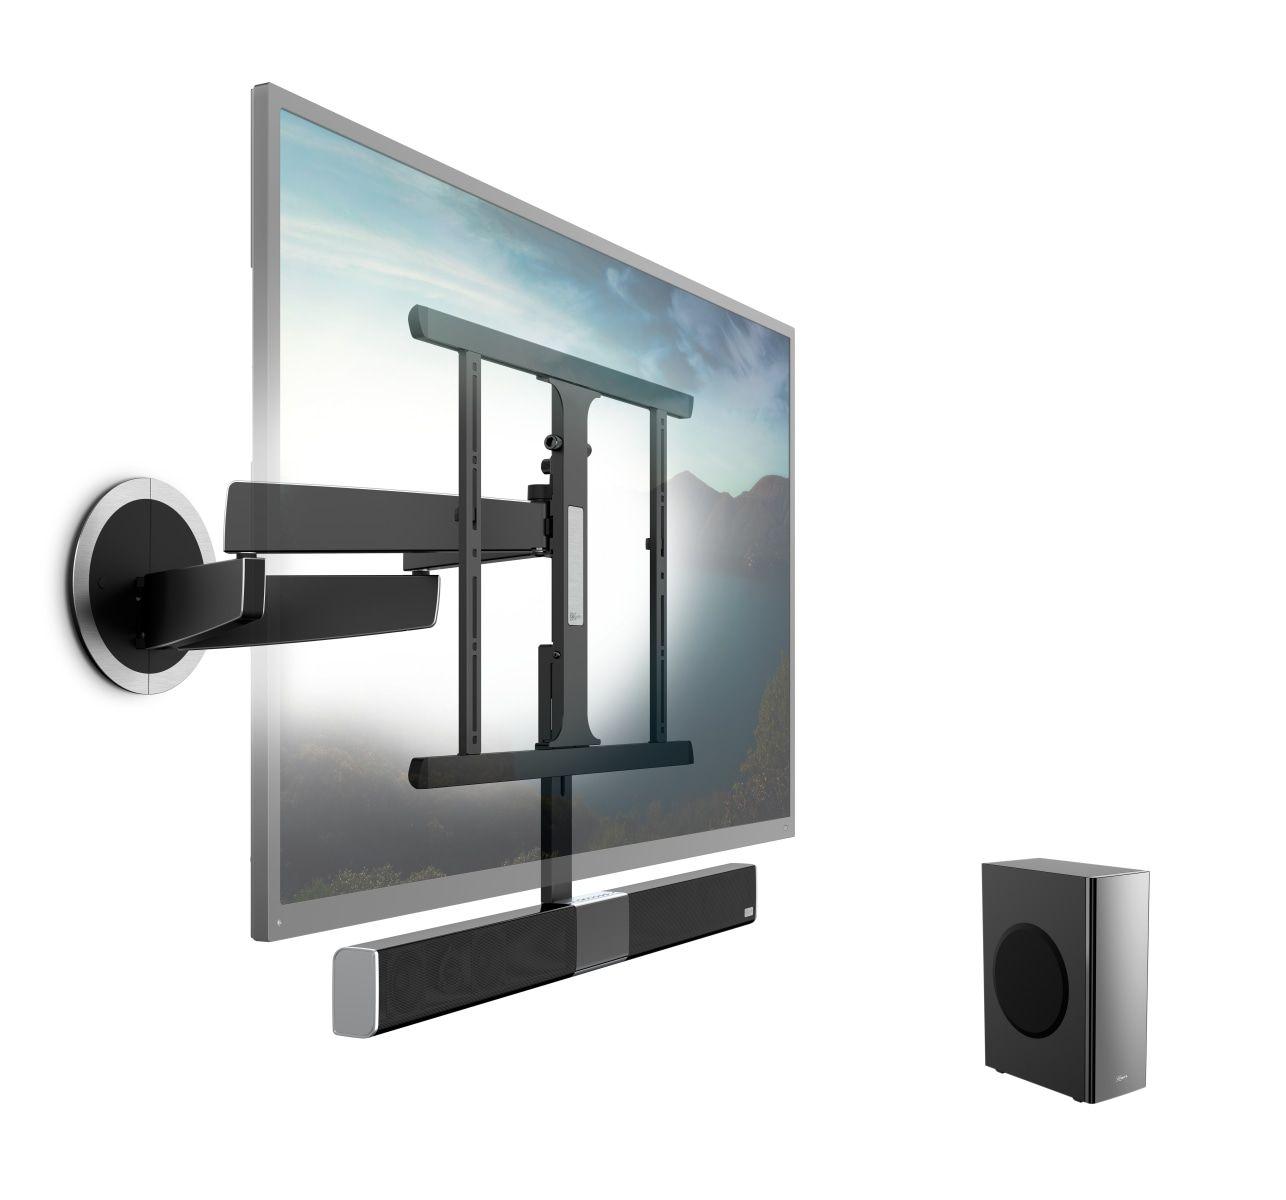 soportes pared pantallas publiscreen carteleria digital bajo coste salamanca